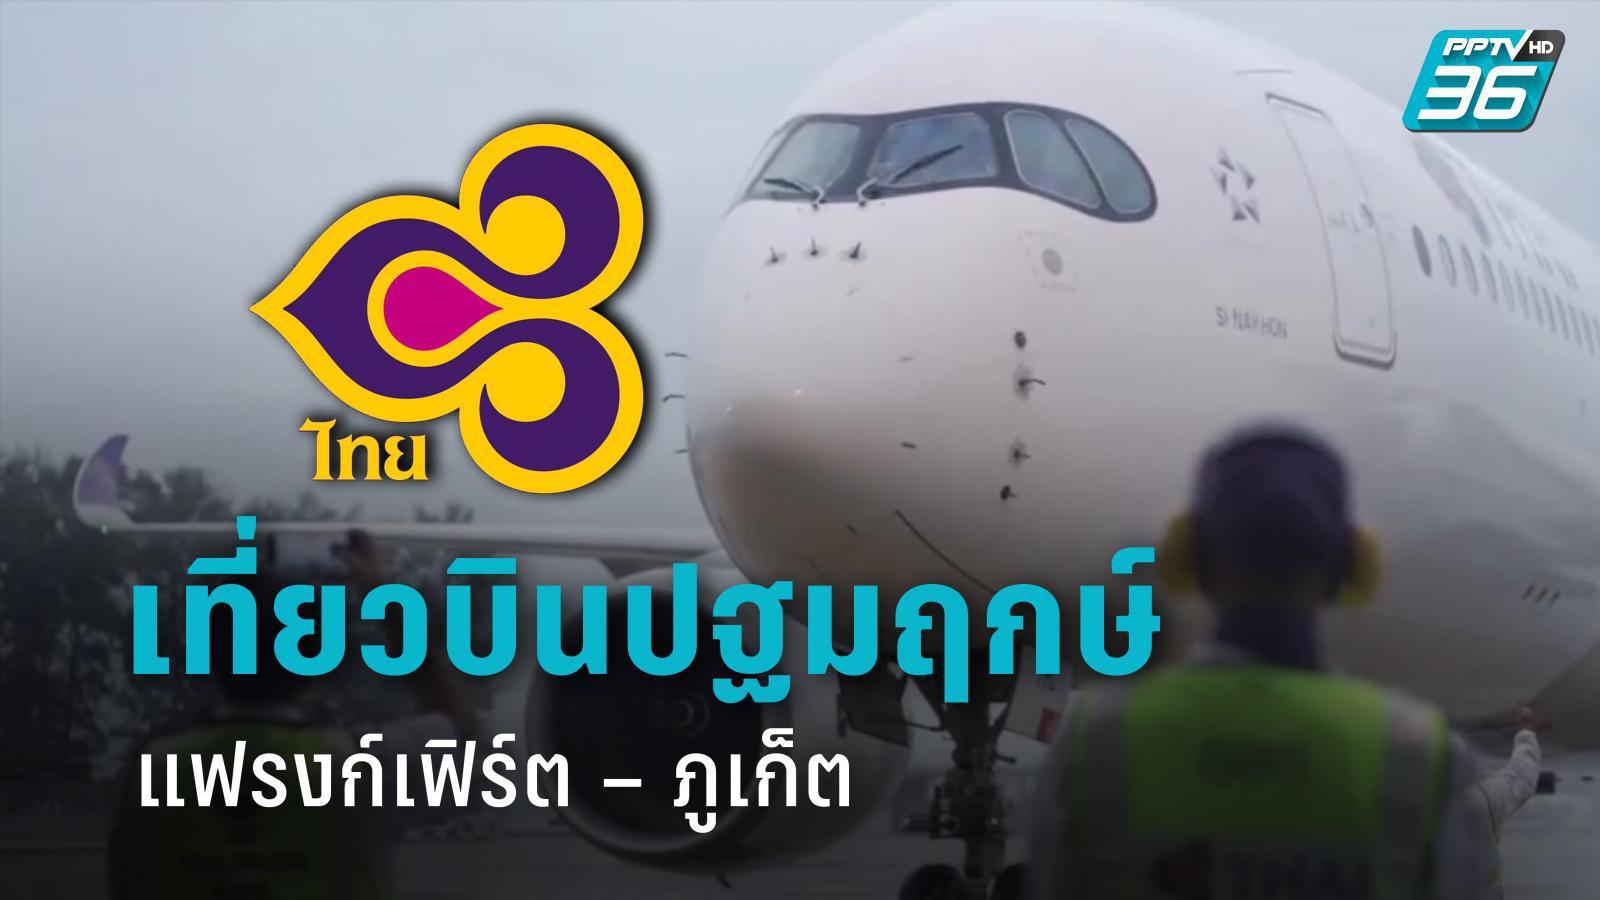 """""""การบินไทย"""" ปลื้ม! เที่ยวบินปฐมฤกษ์ นำ 16 นทท.ต่างชาติลงภูเก็ต หลังหยุดบินกว่า 1 ปี"""